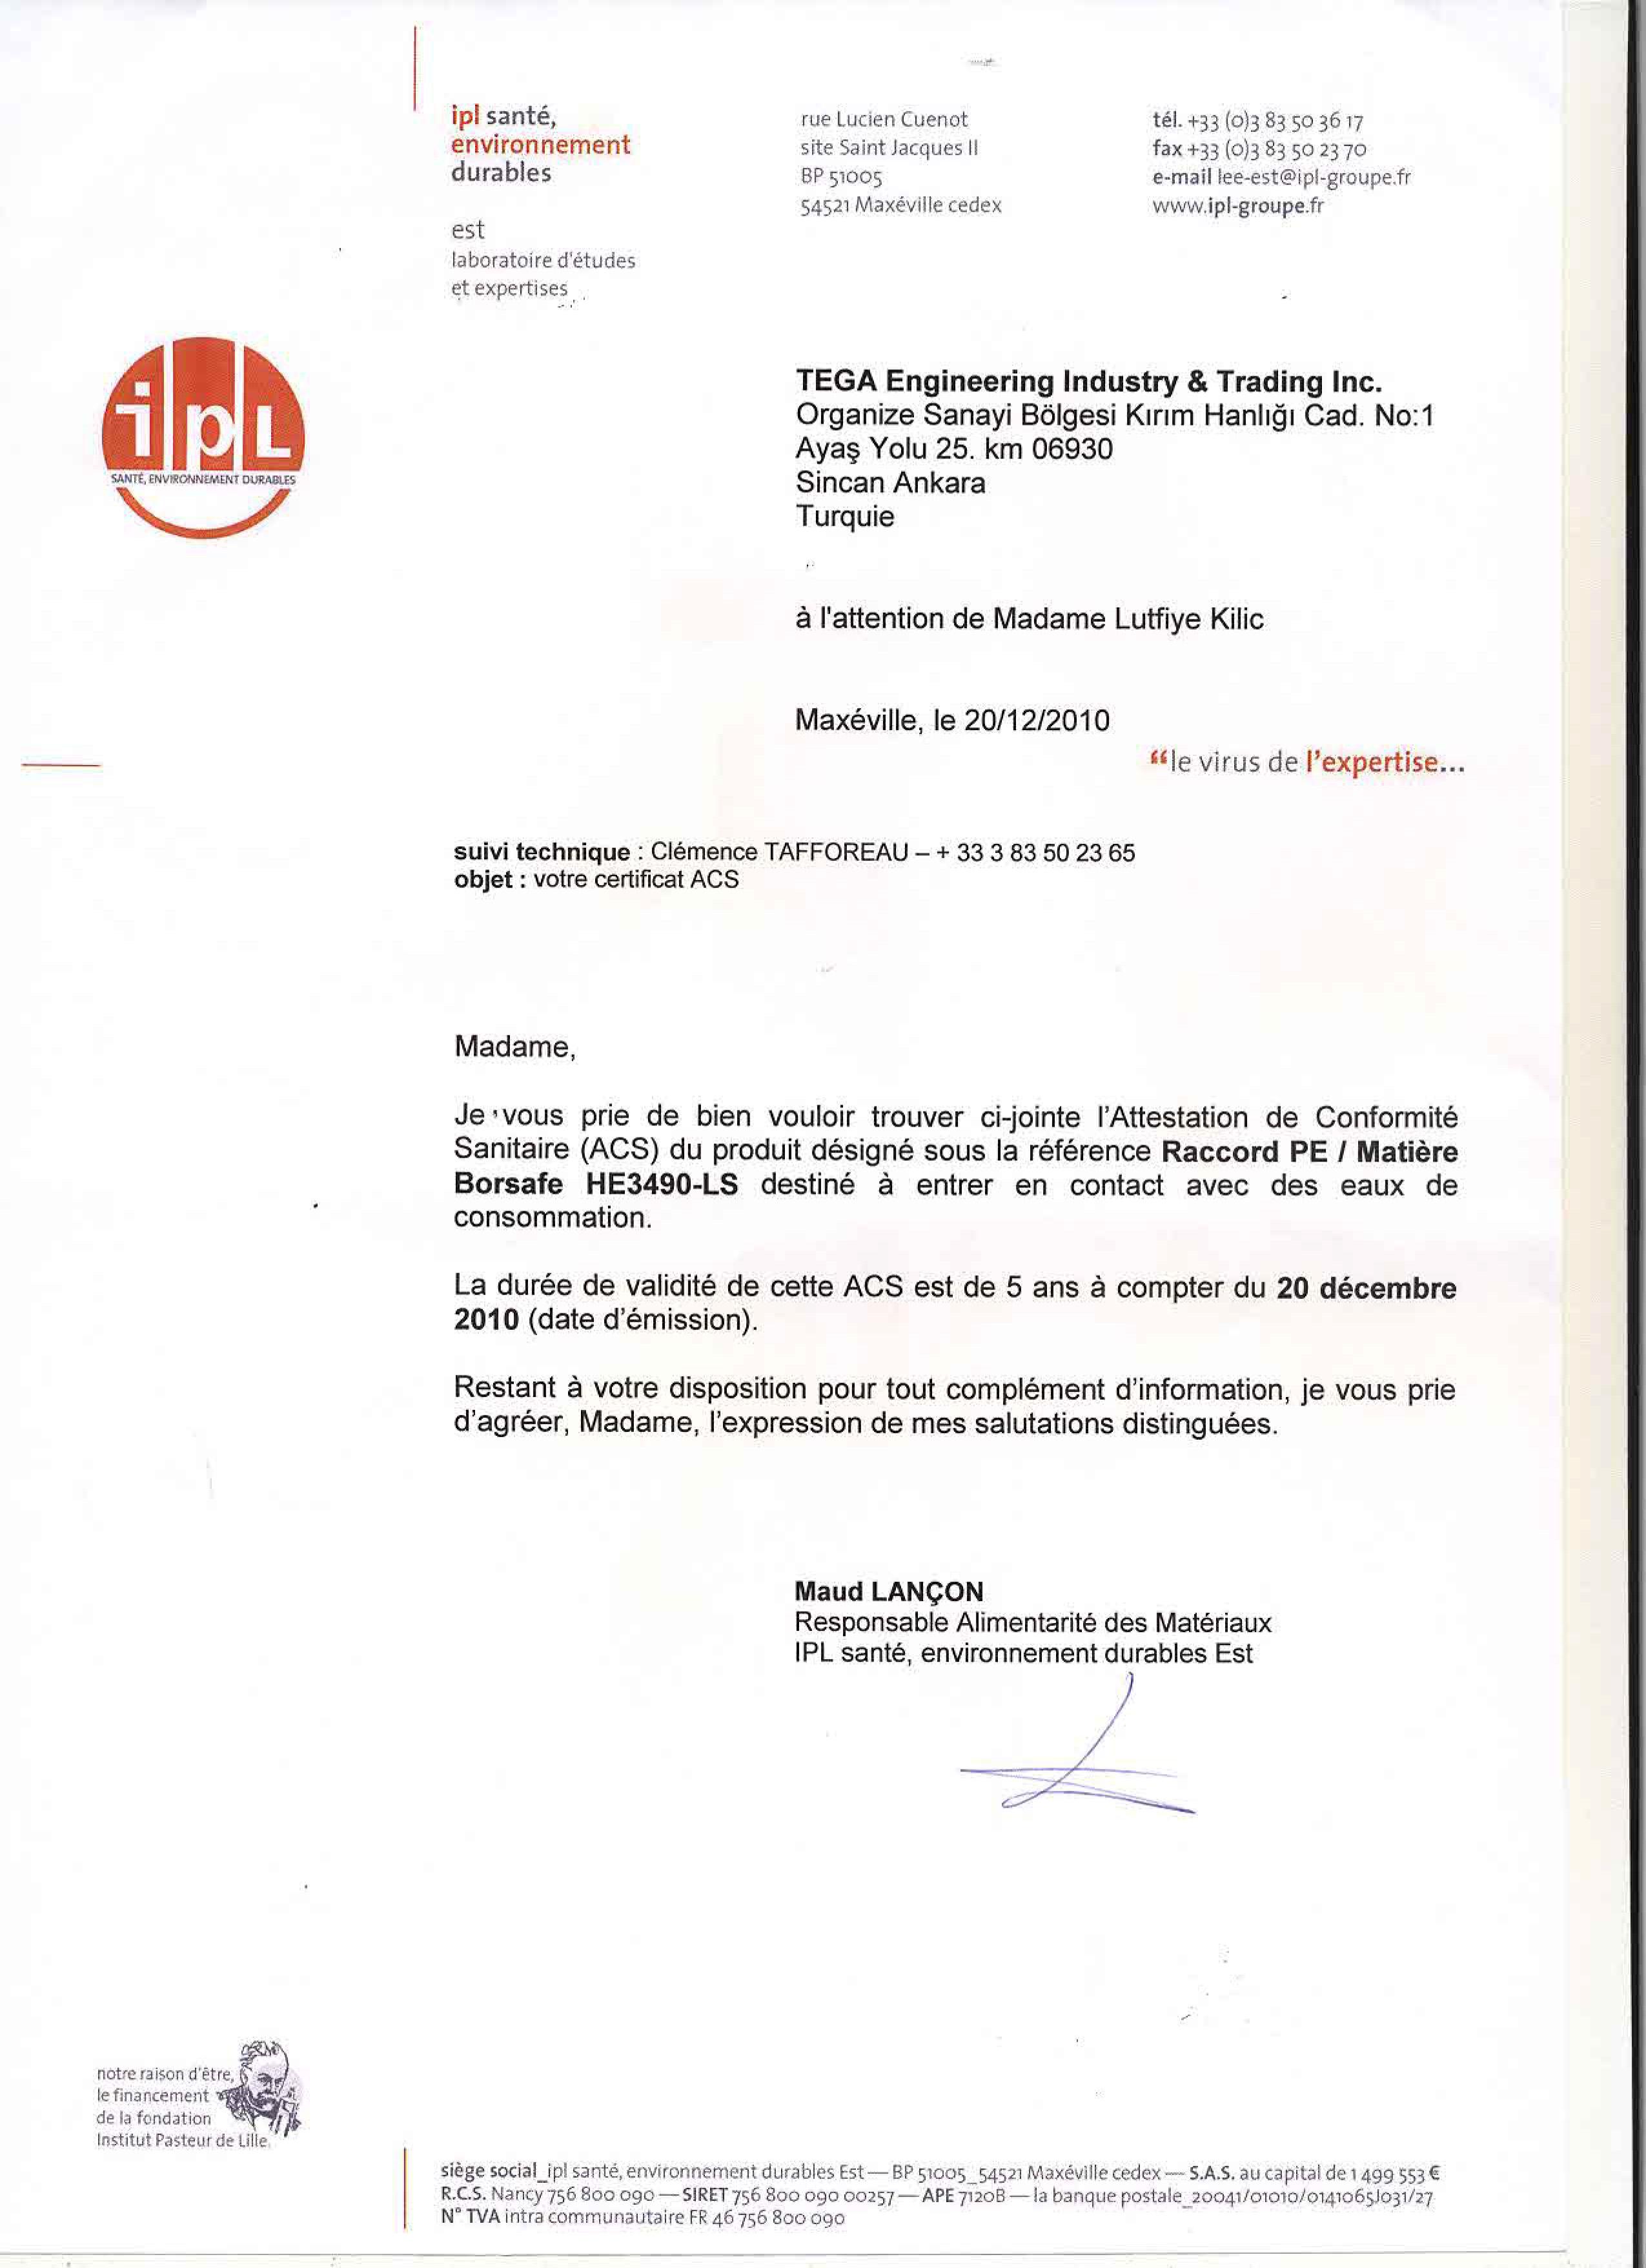 certgal-ipl-certificate-tega-muh1-1